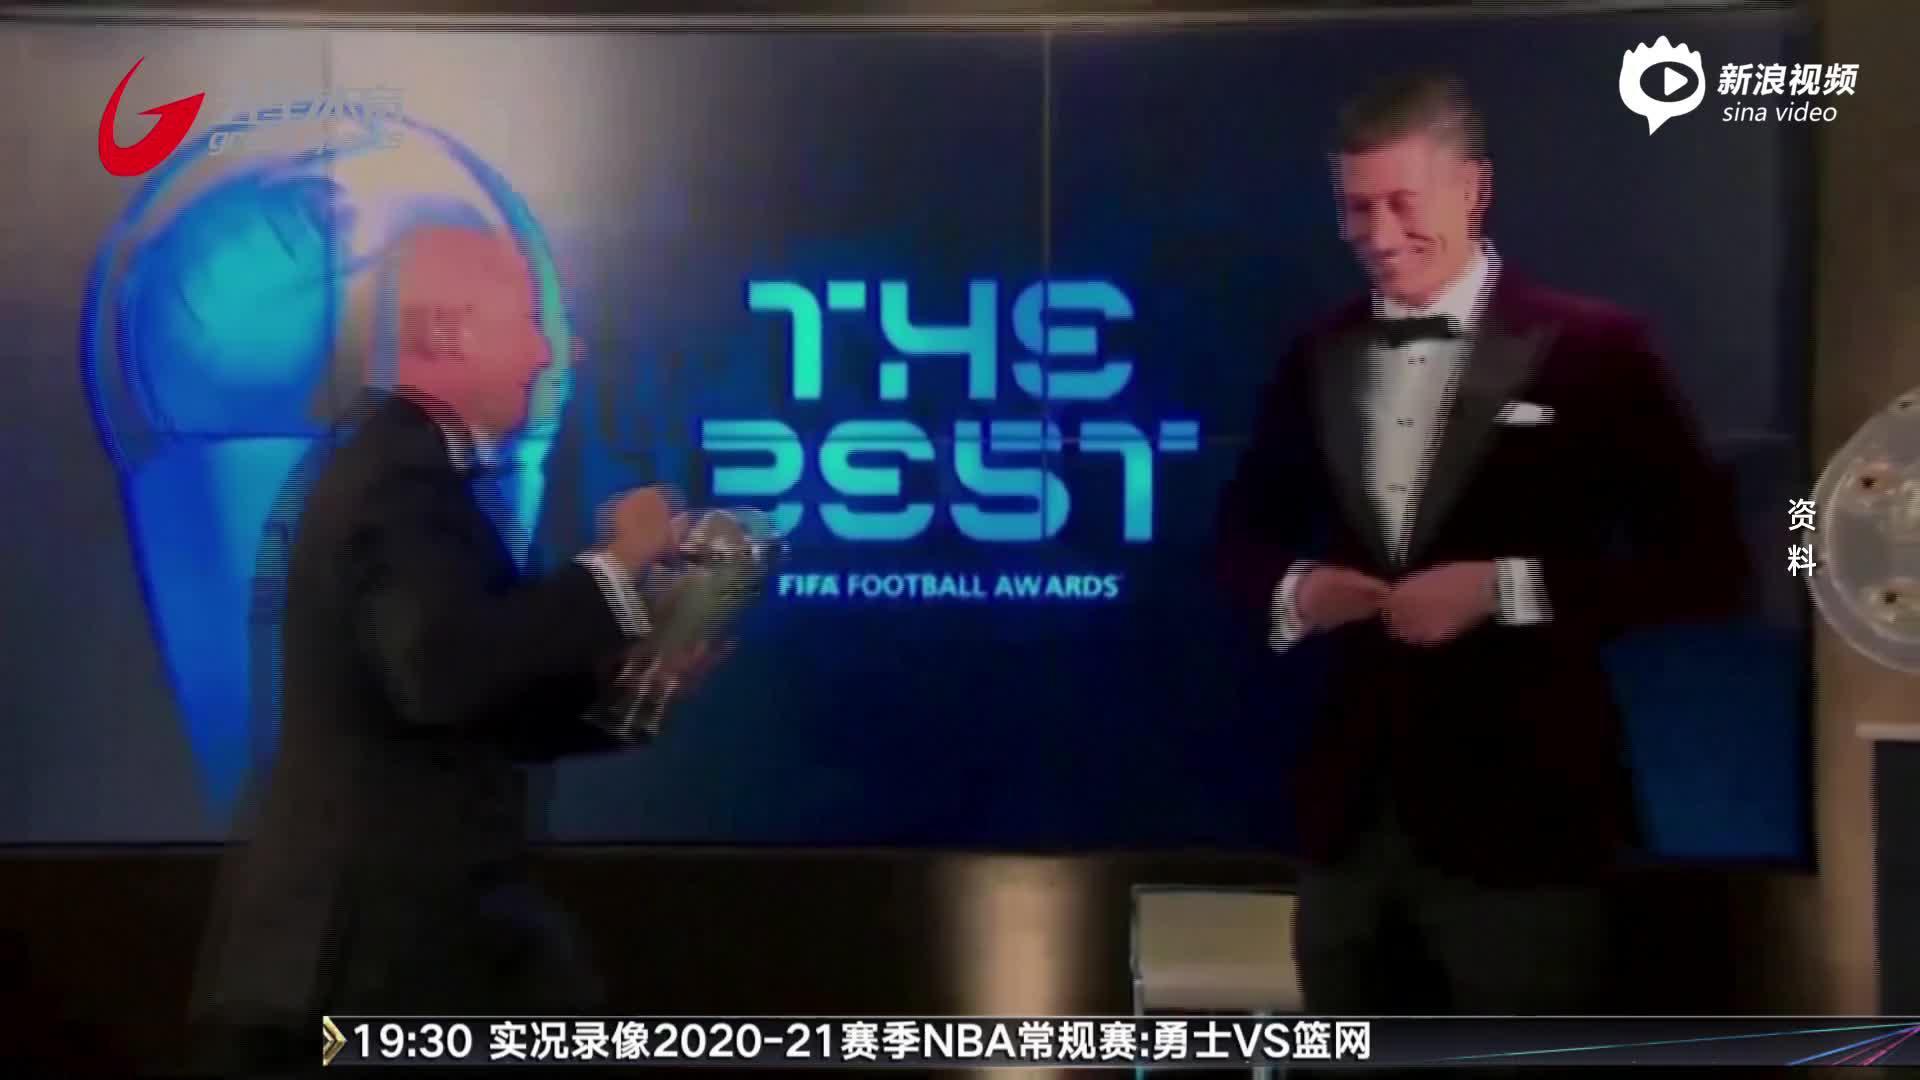 视频-环球足球奖评选今晚揭晓 三大球星再争殊荣